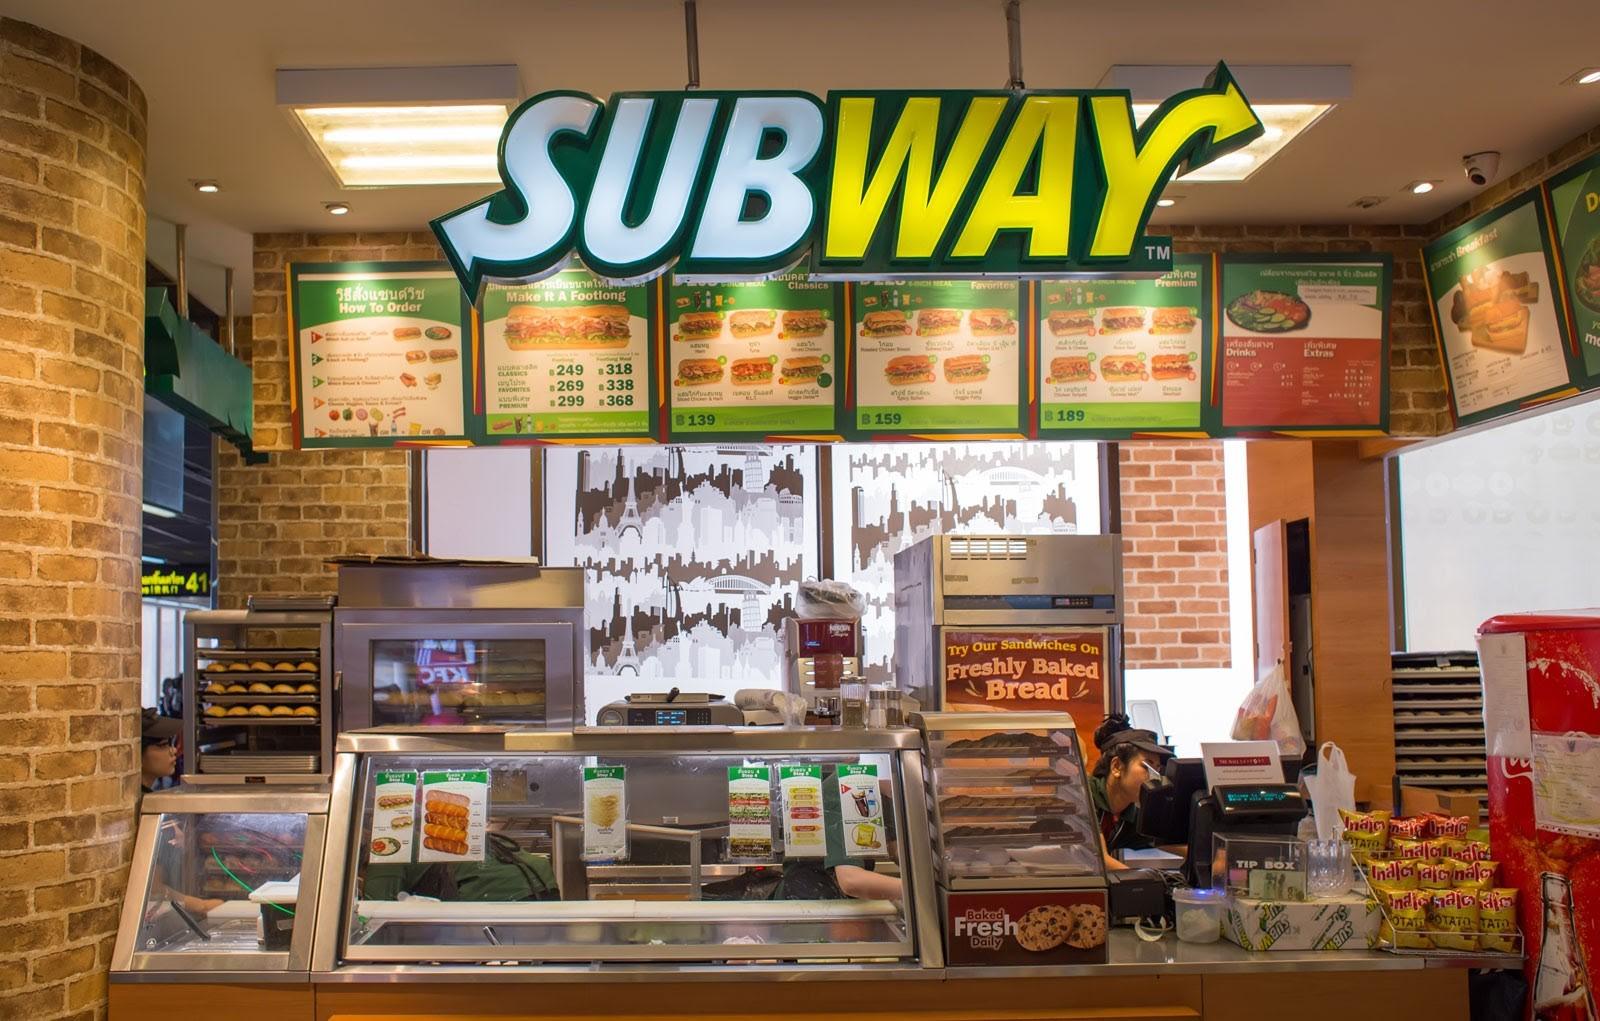 Subway jobs and application